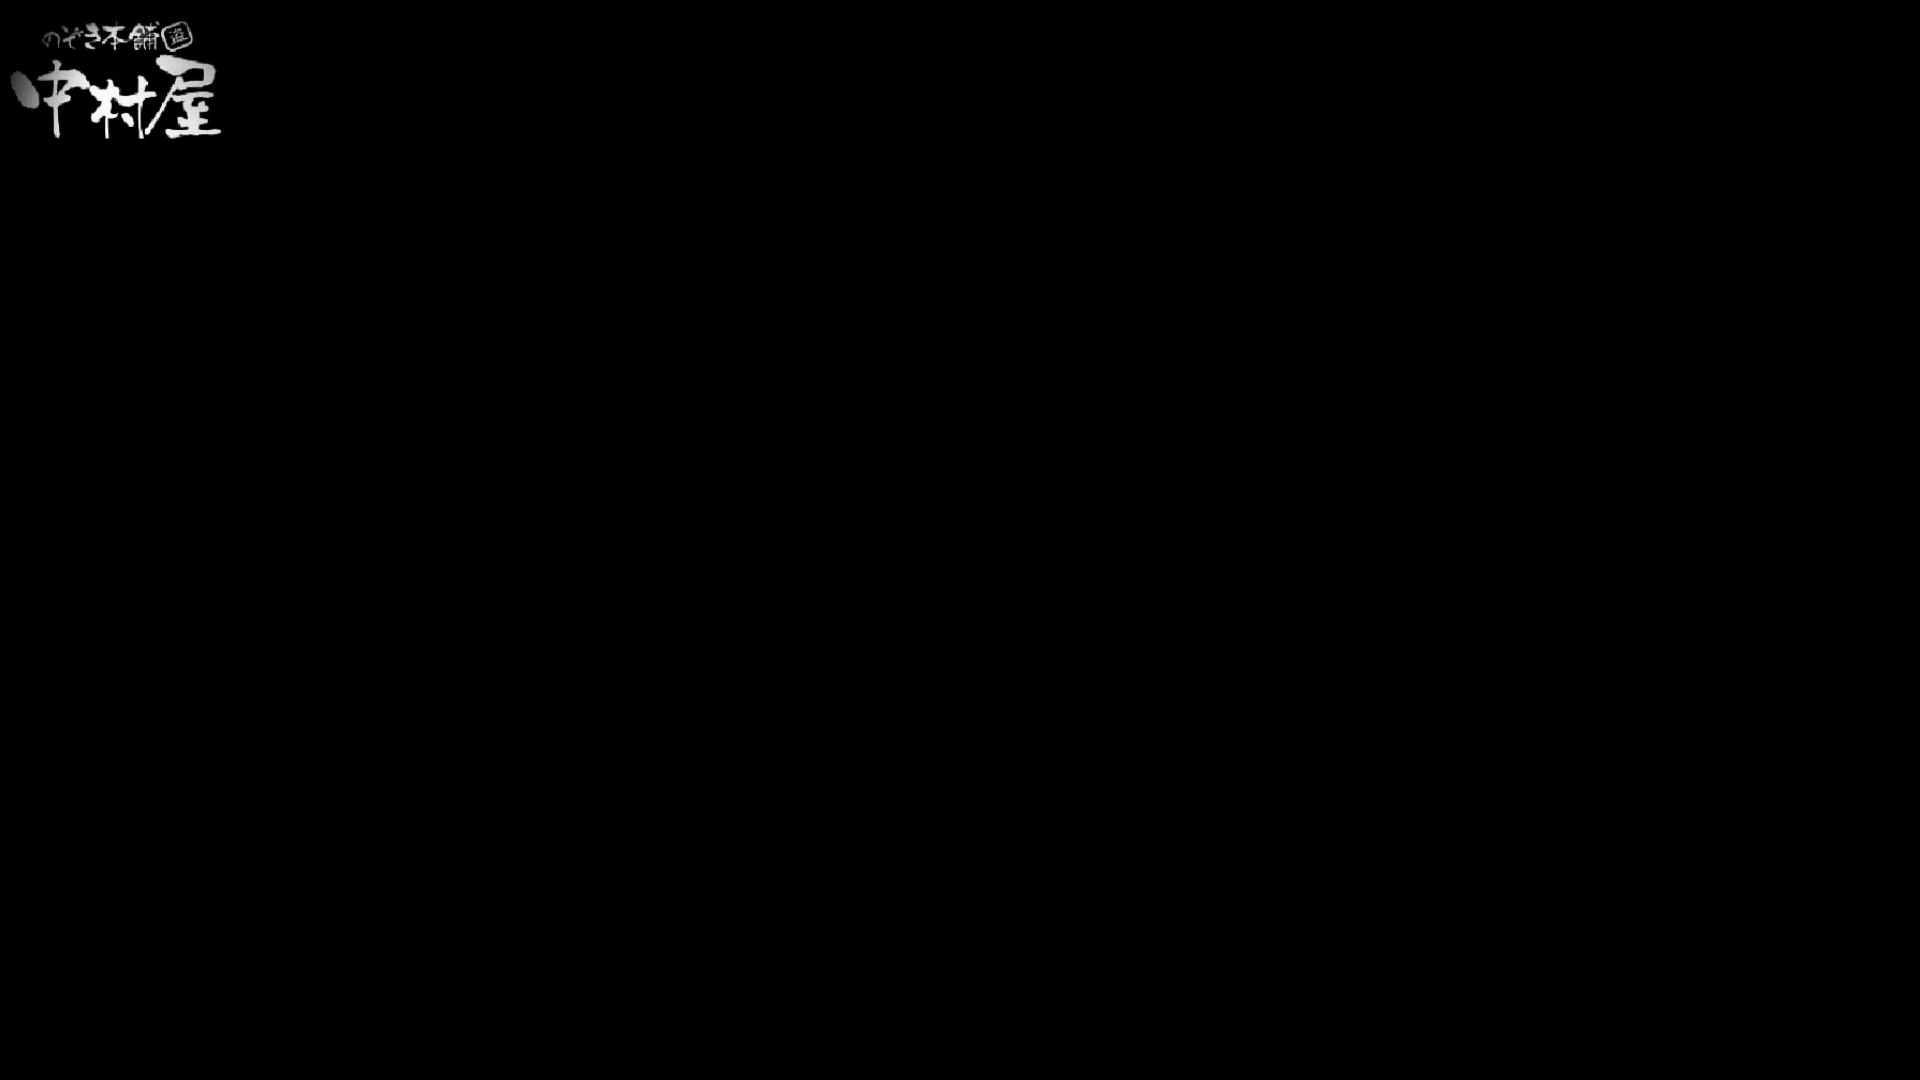 雅さんが厳選新年特別コンテンツ!激走!東京マラソン選手専用女子トイレvol.9 女子トイレの中では おまんこ無修正動画無料 10枚 9